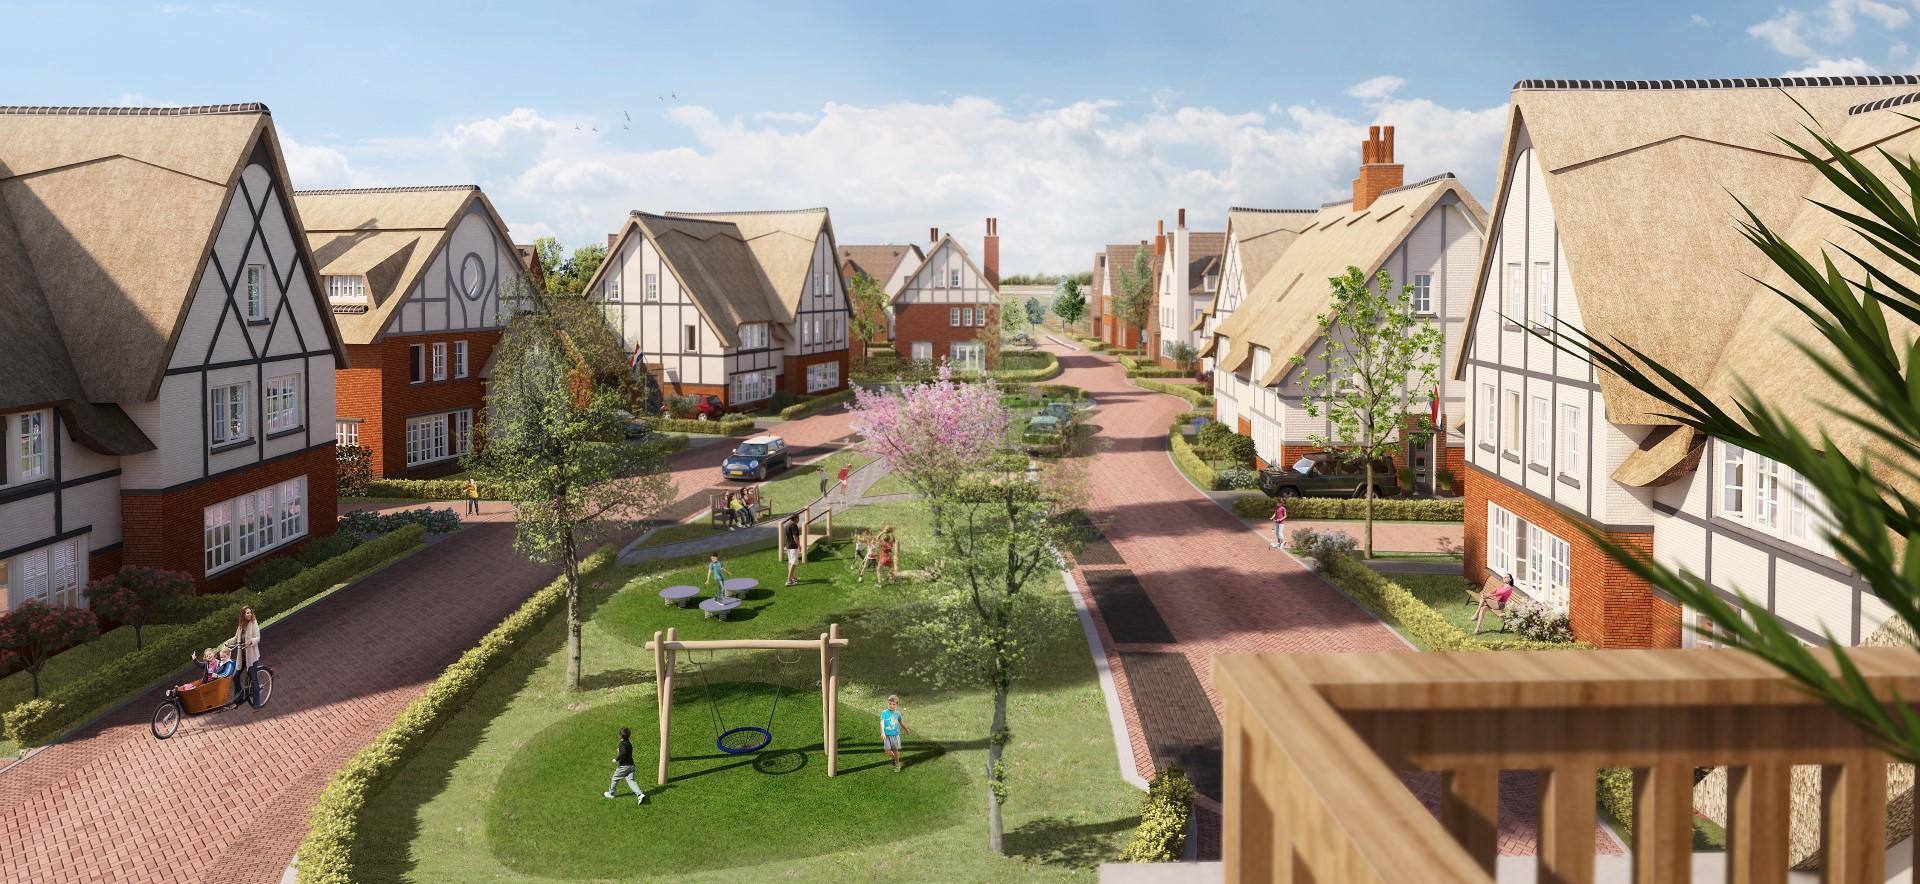 Tudor Gardens: 83 toekomstbestendige woningen in Tudorstijl